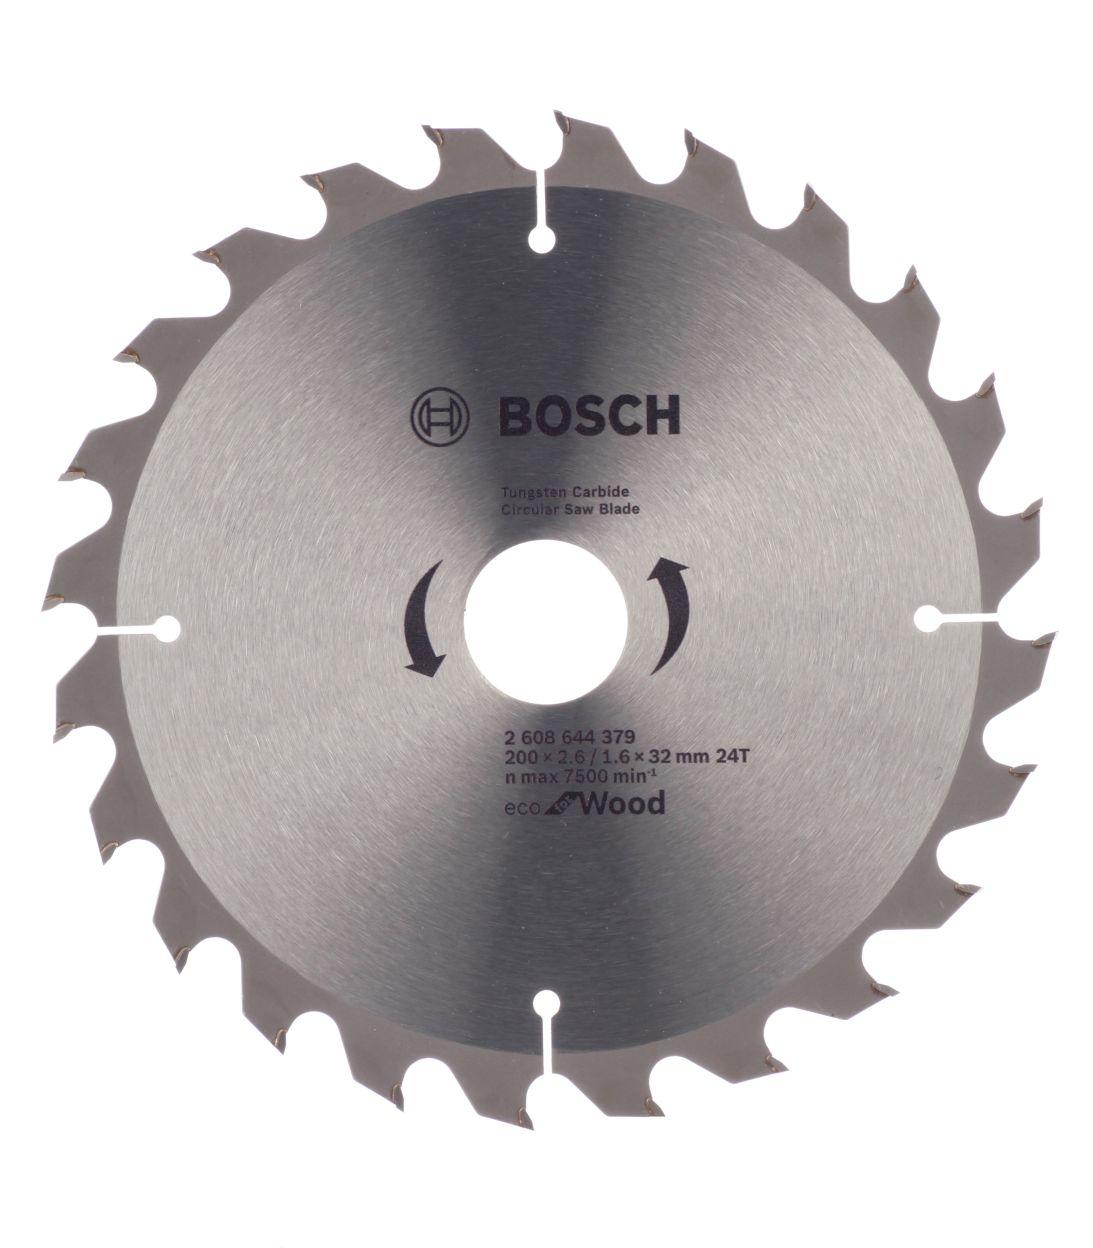 Диск пильный по дереву Bosch Optiline ECO (2608644379) 200х32х2,5 мм 24 зуба диск отрезной для ручных циркулярных пил bosch optiline wood 2608640613